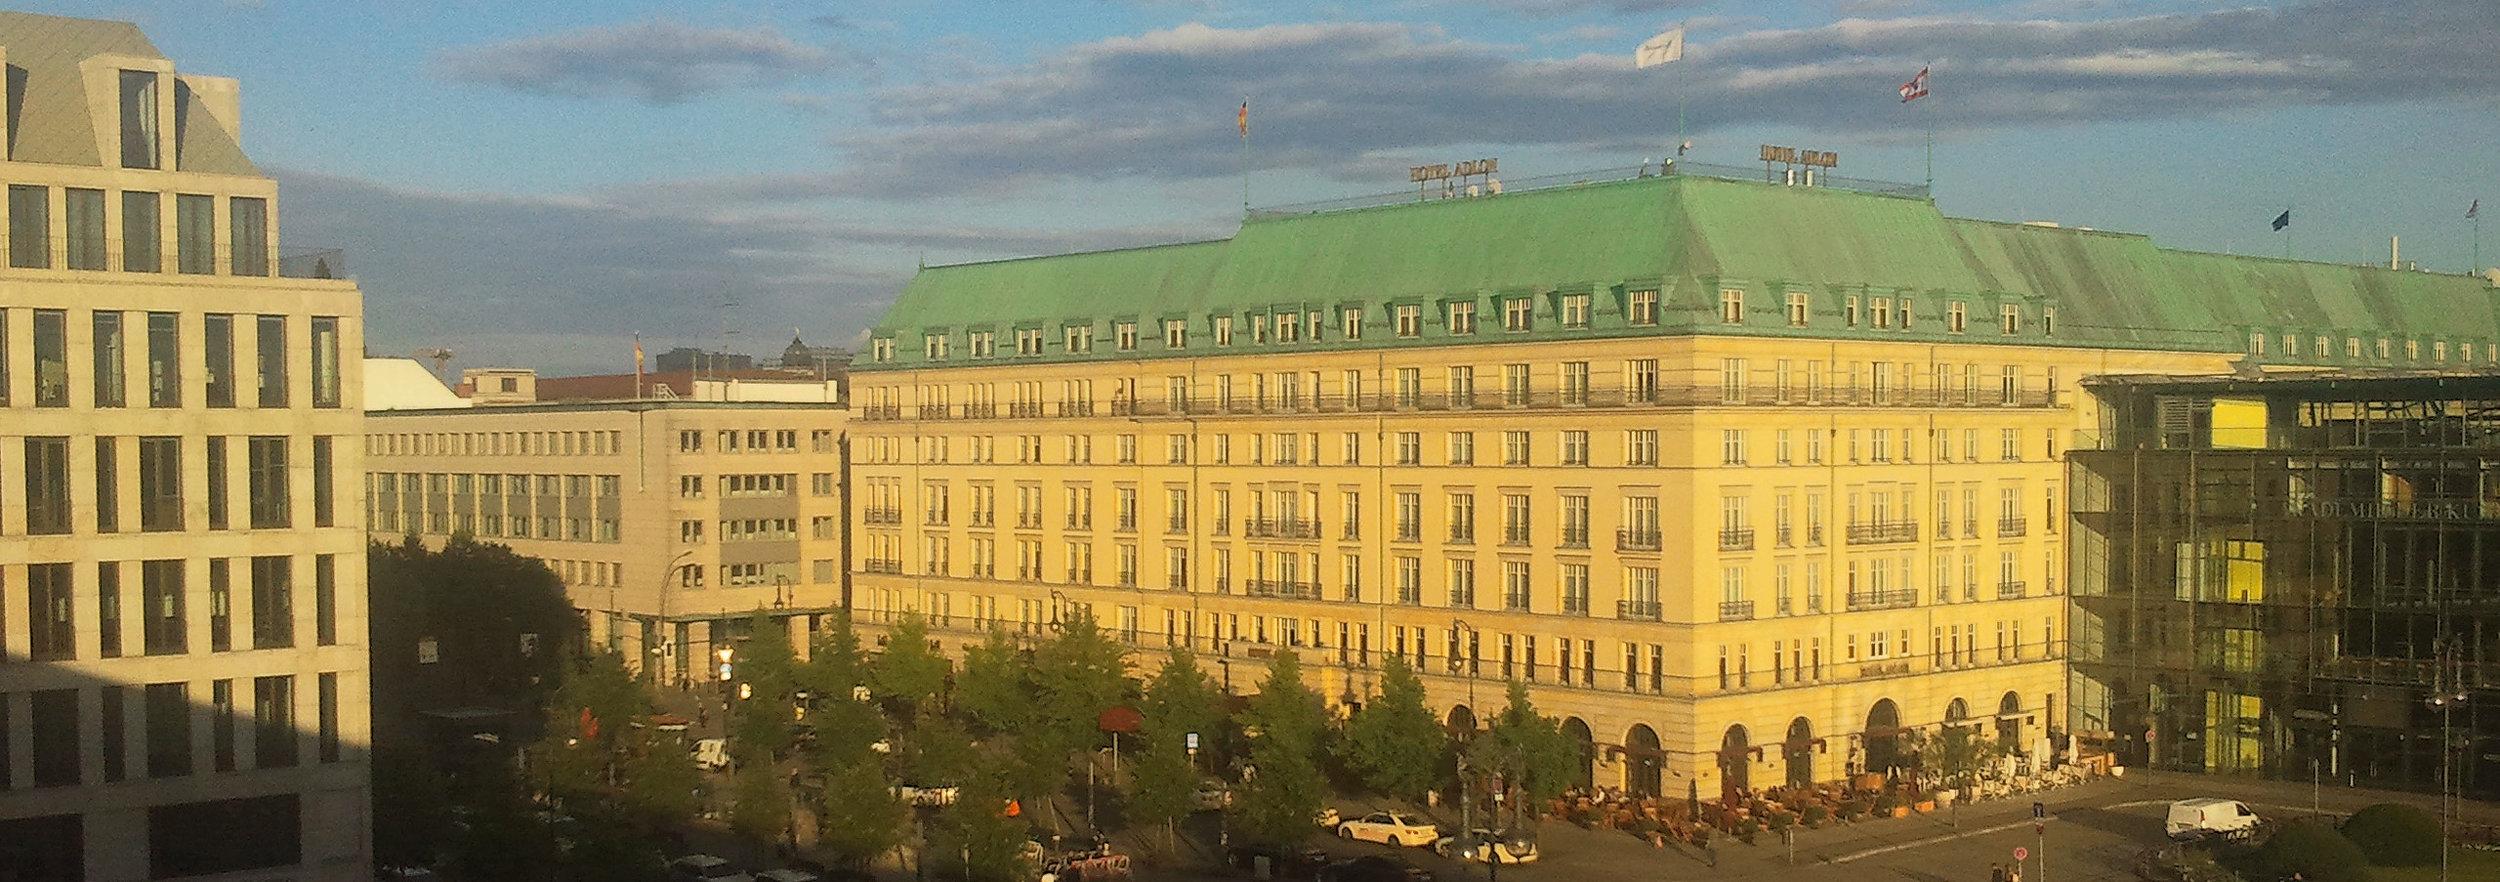 Hotel Adlon + UNTER DEN LINDEN_2014-07-02 20.07.22_OPT_Streifen 900p.jpg